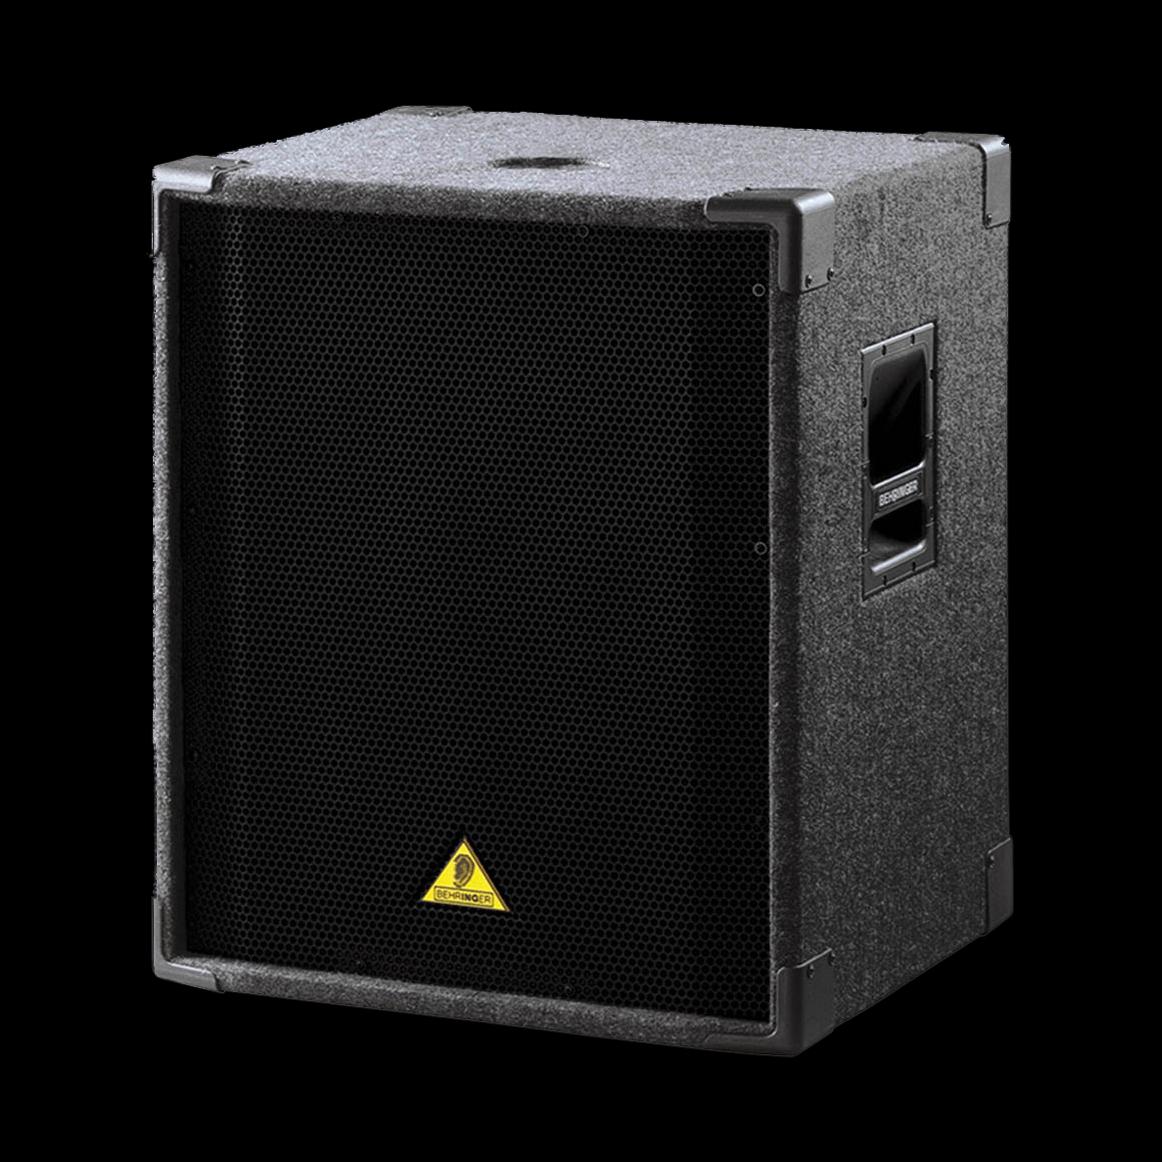 d&b Audiotechnik B / B-2 sub grille voor Luidsprekerhoes